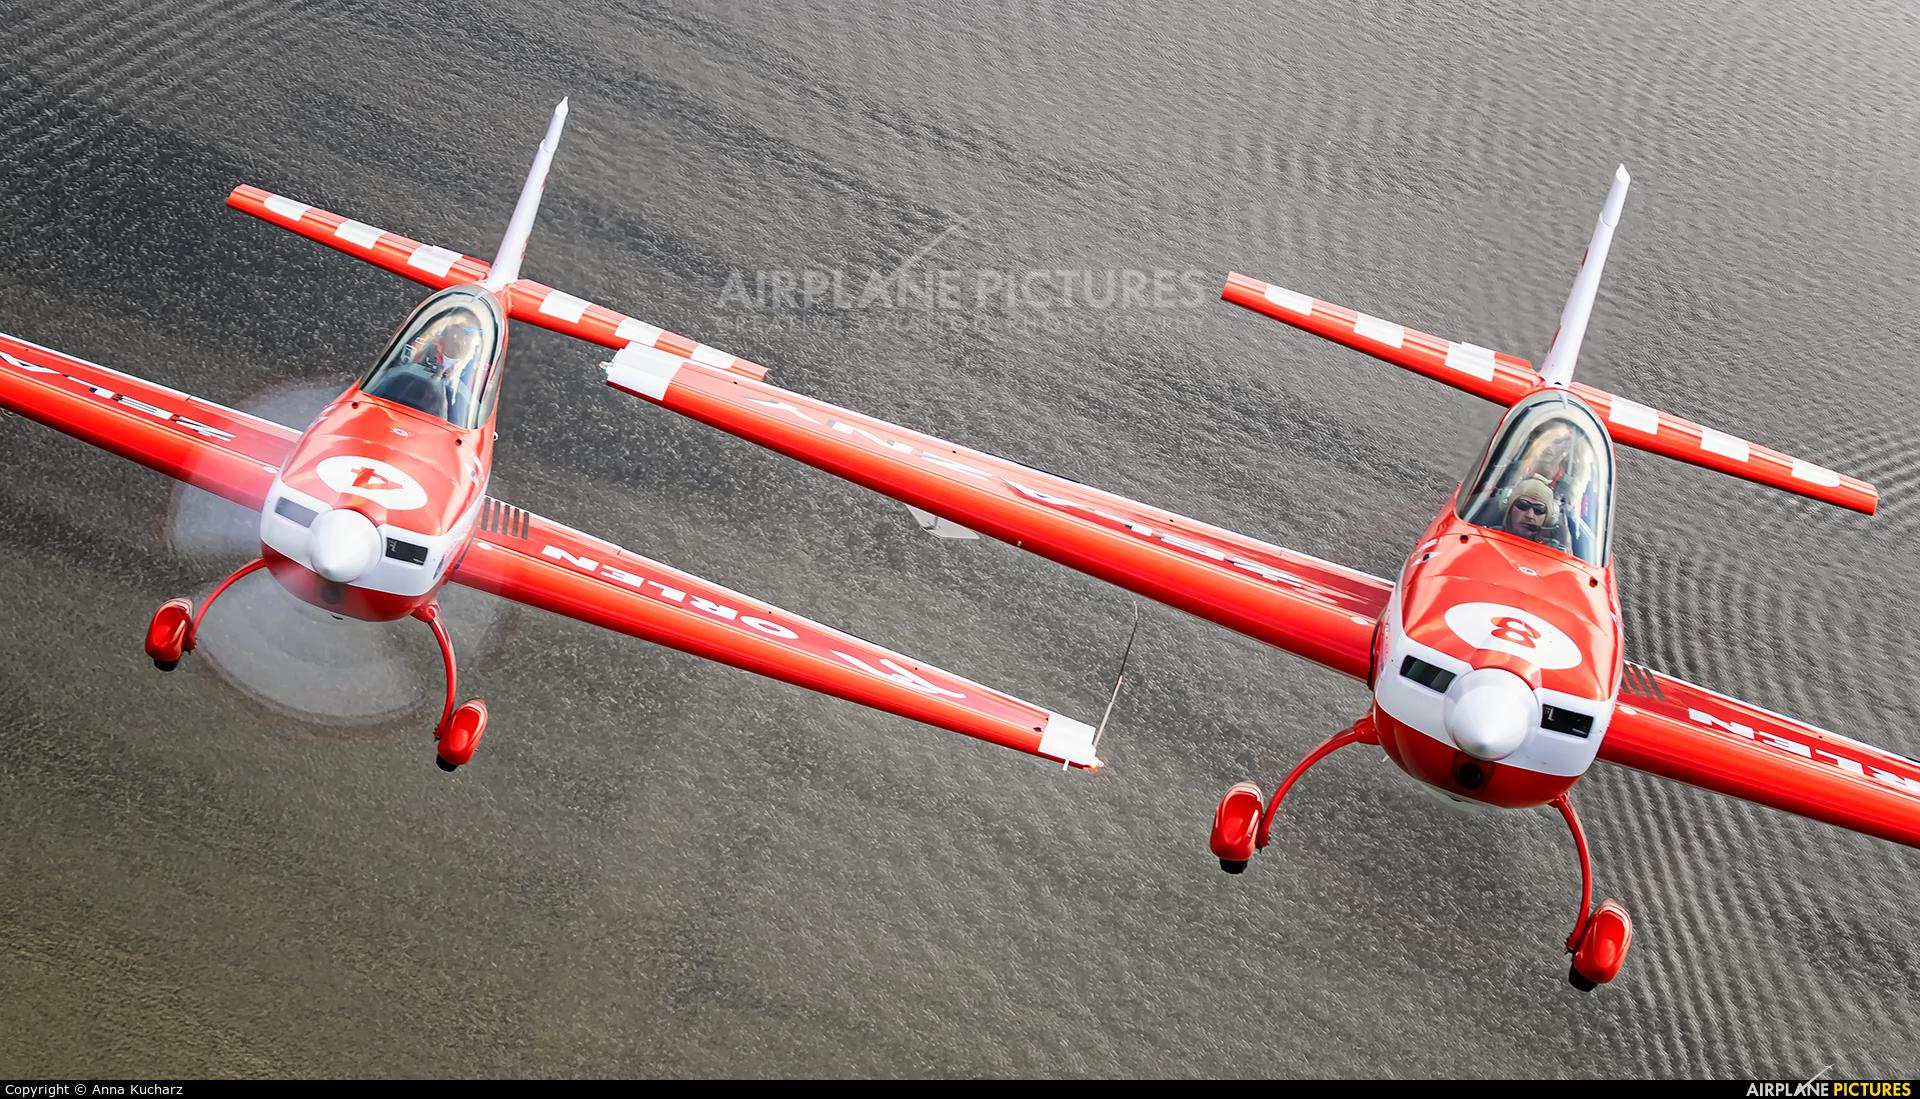 Grupa Akrobacyjna Żelazny - Acrobatic Group SP-AUP aircraft at Piotrków Trybunalski